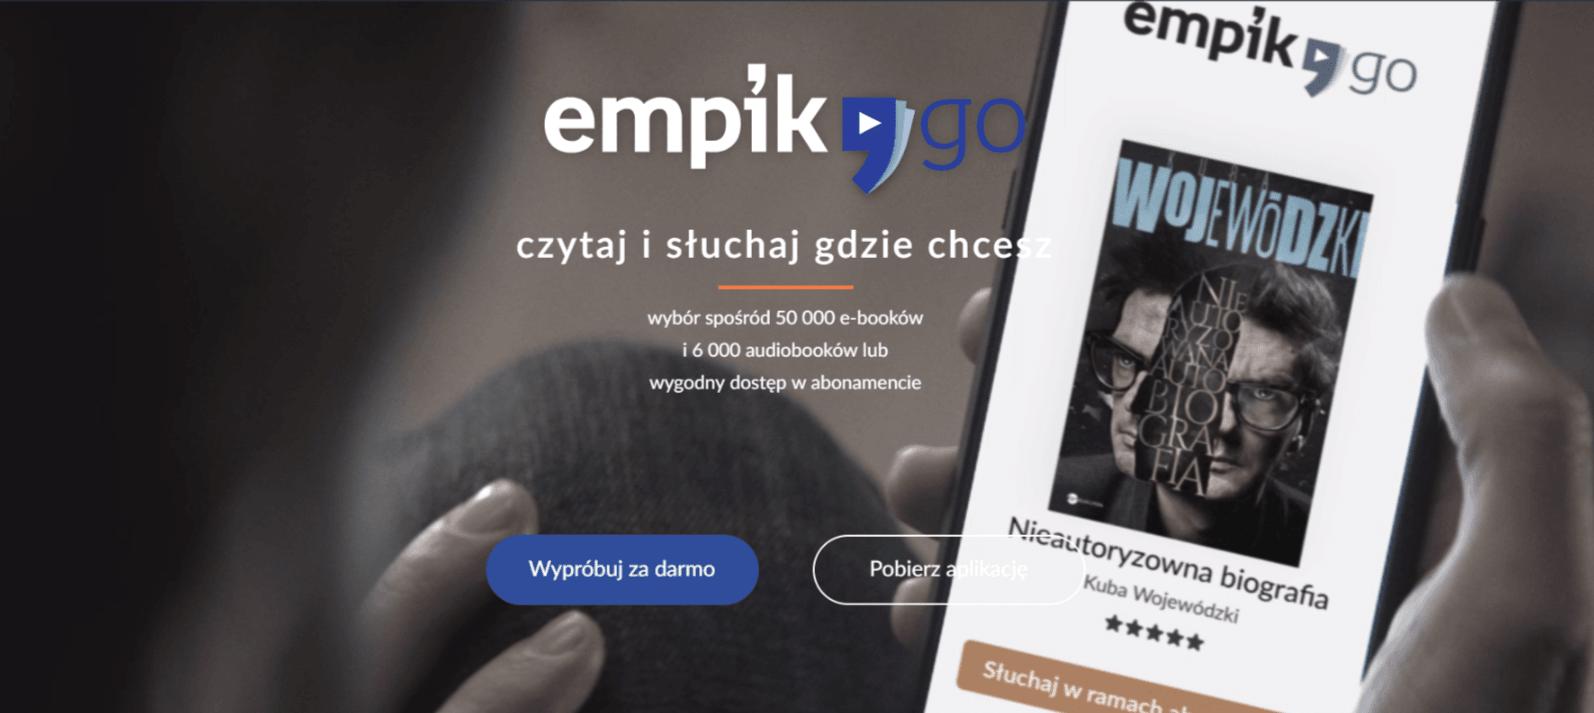 Nowa oferta abonamentu na audiobooki w Empiku. Za 19,99 zł miesięcznie zyskujemy dostęp do ponad 2000 publikacji 24